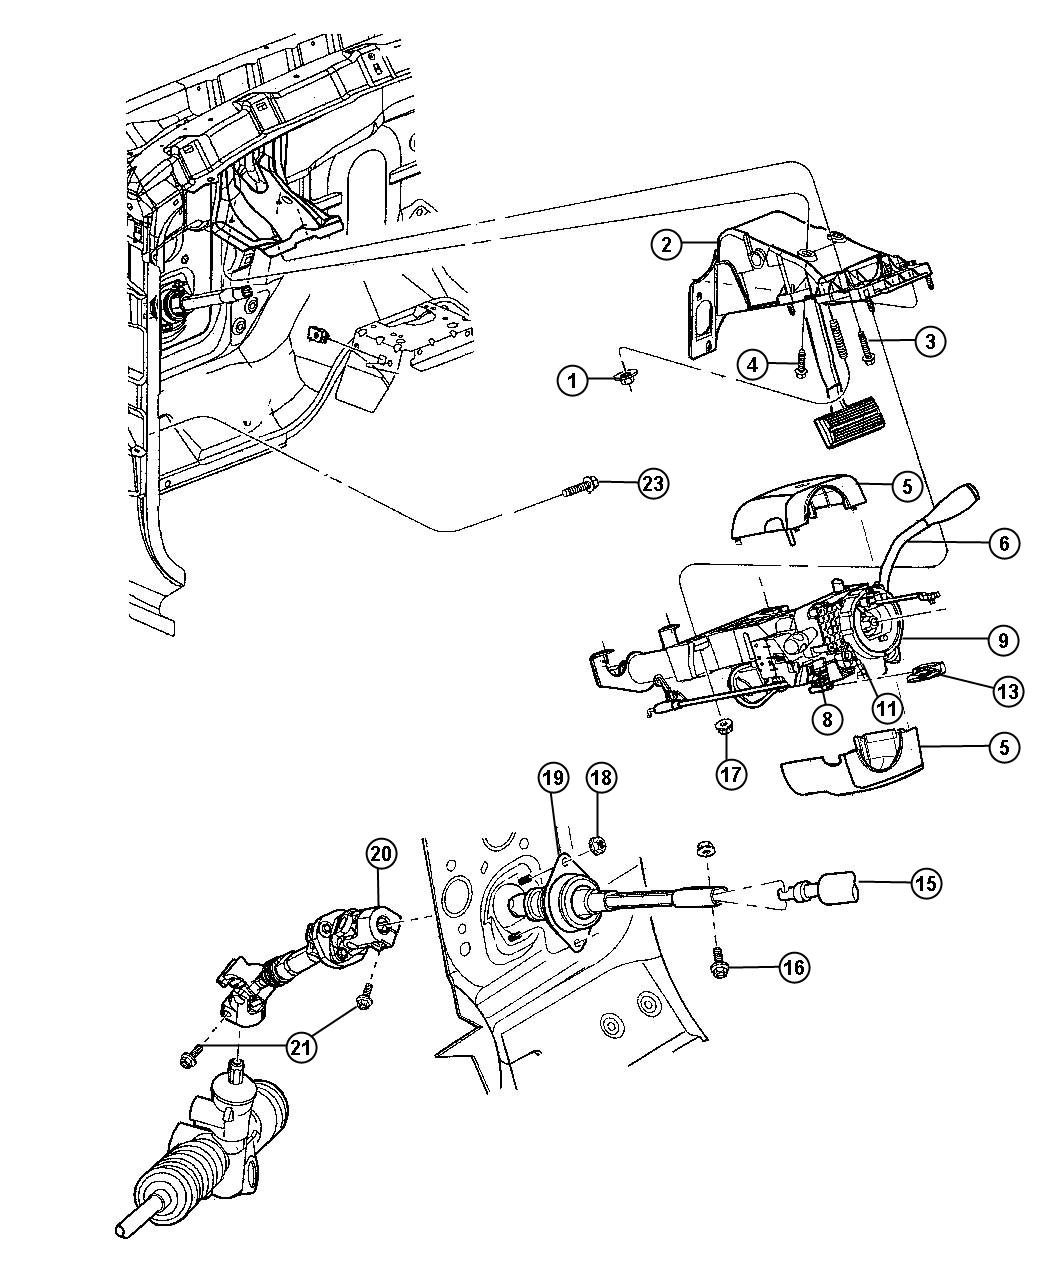 2008 Dodge Ram 1500 Knob  Tilt Lever Release   Tilt Steering Column   After 04  03  06